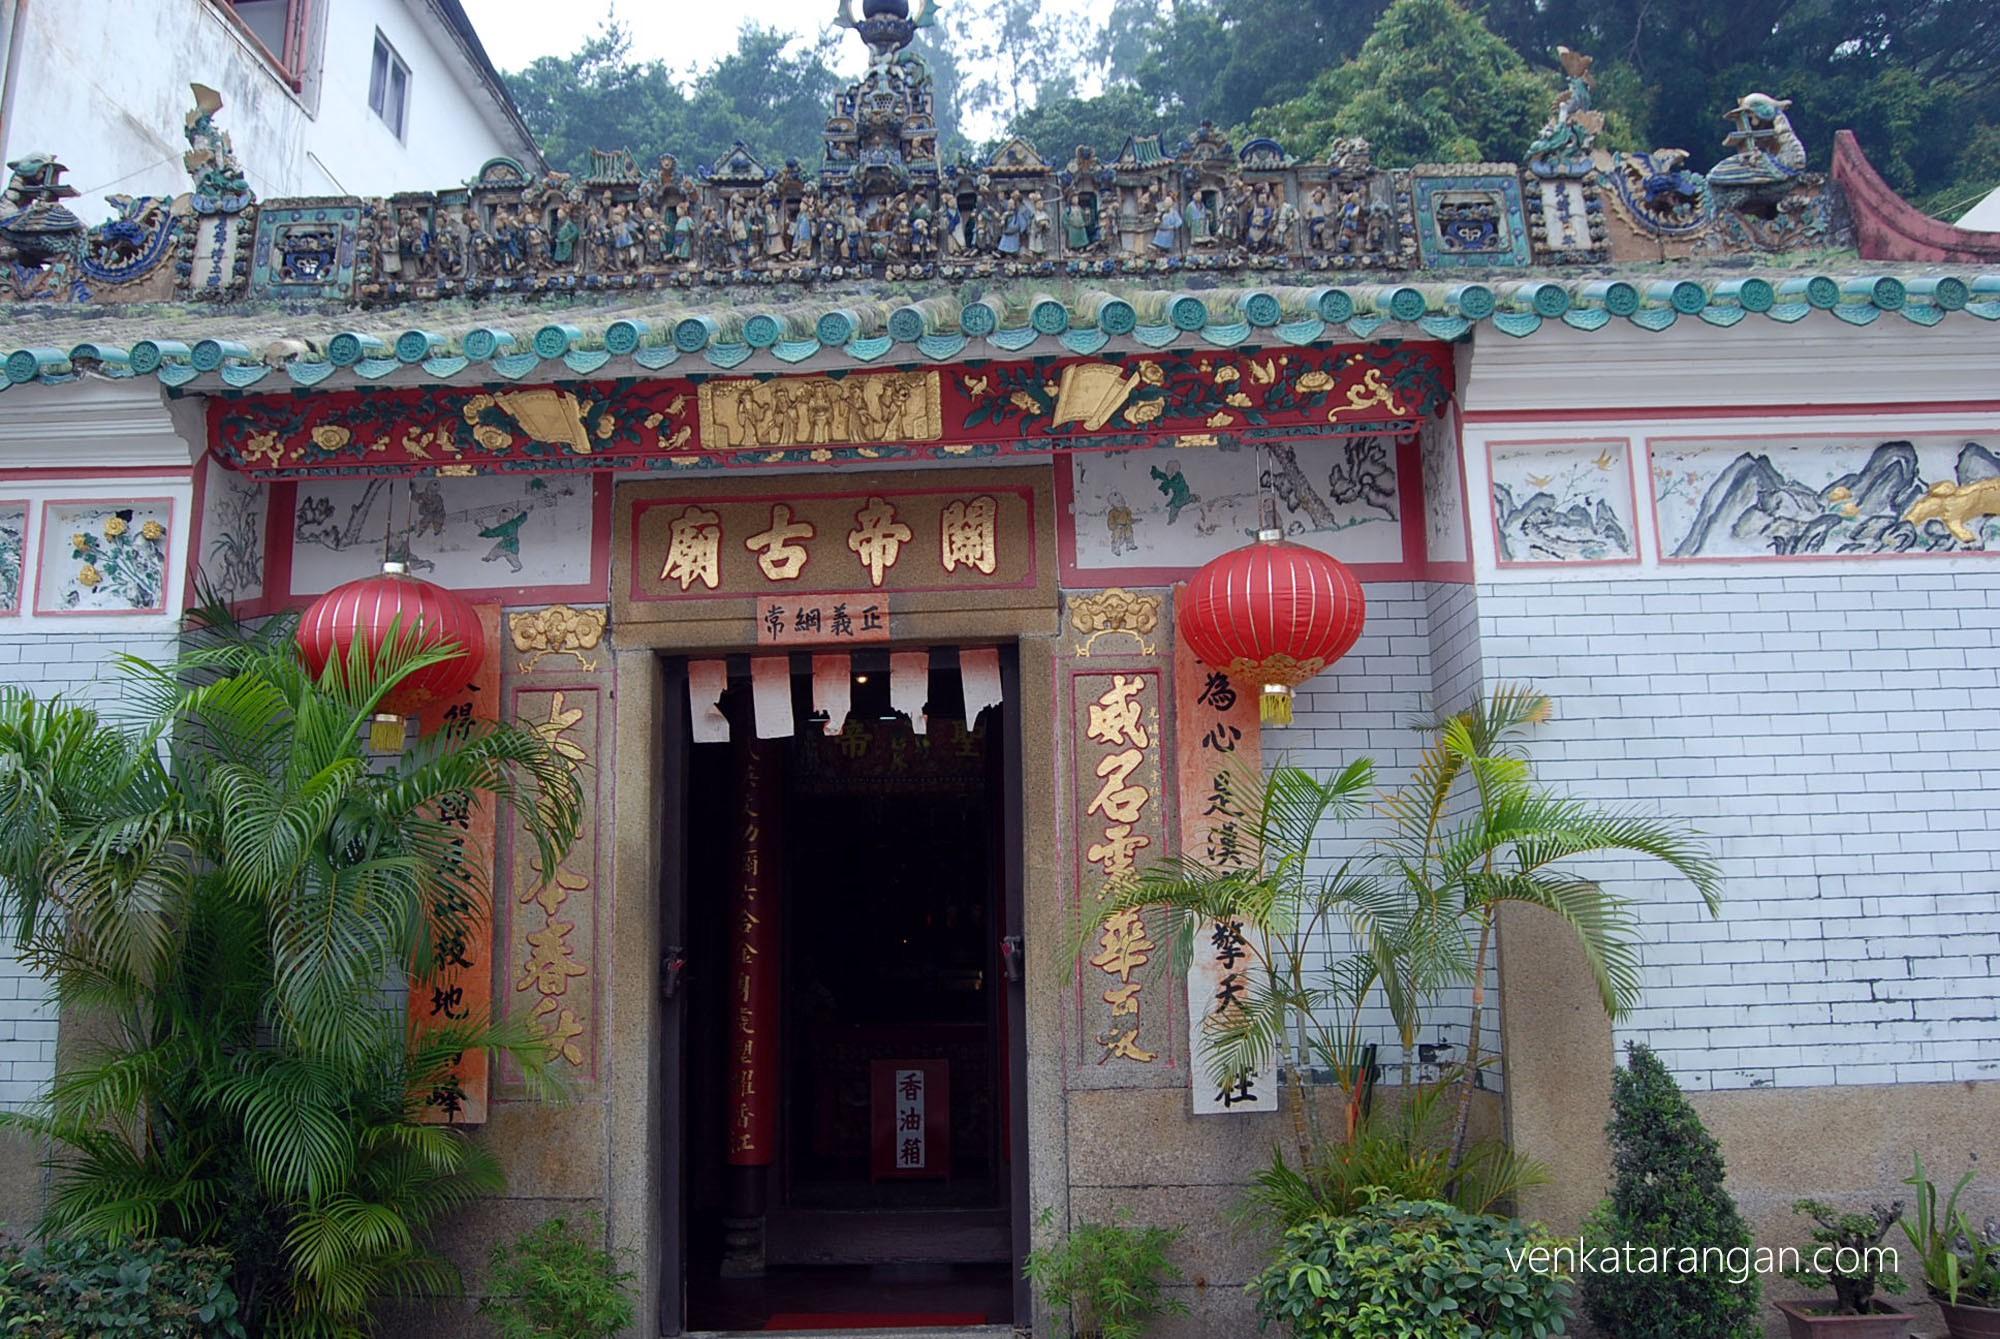 Kwan Tai Old Temple - Tai O